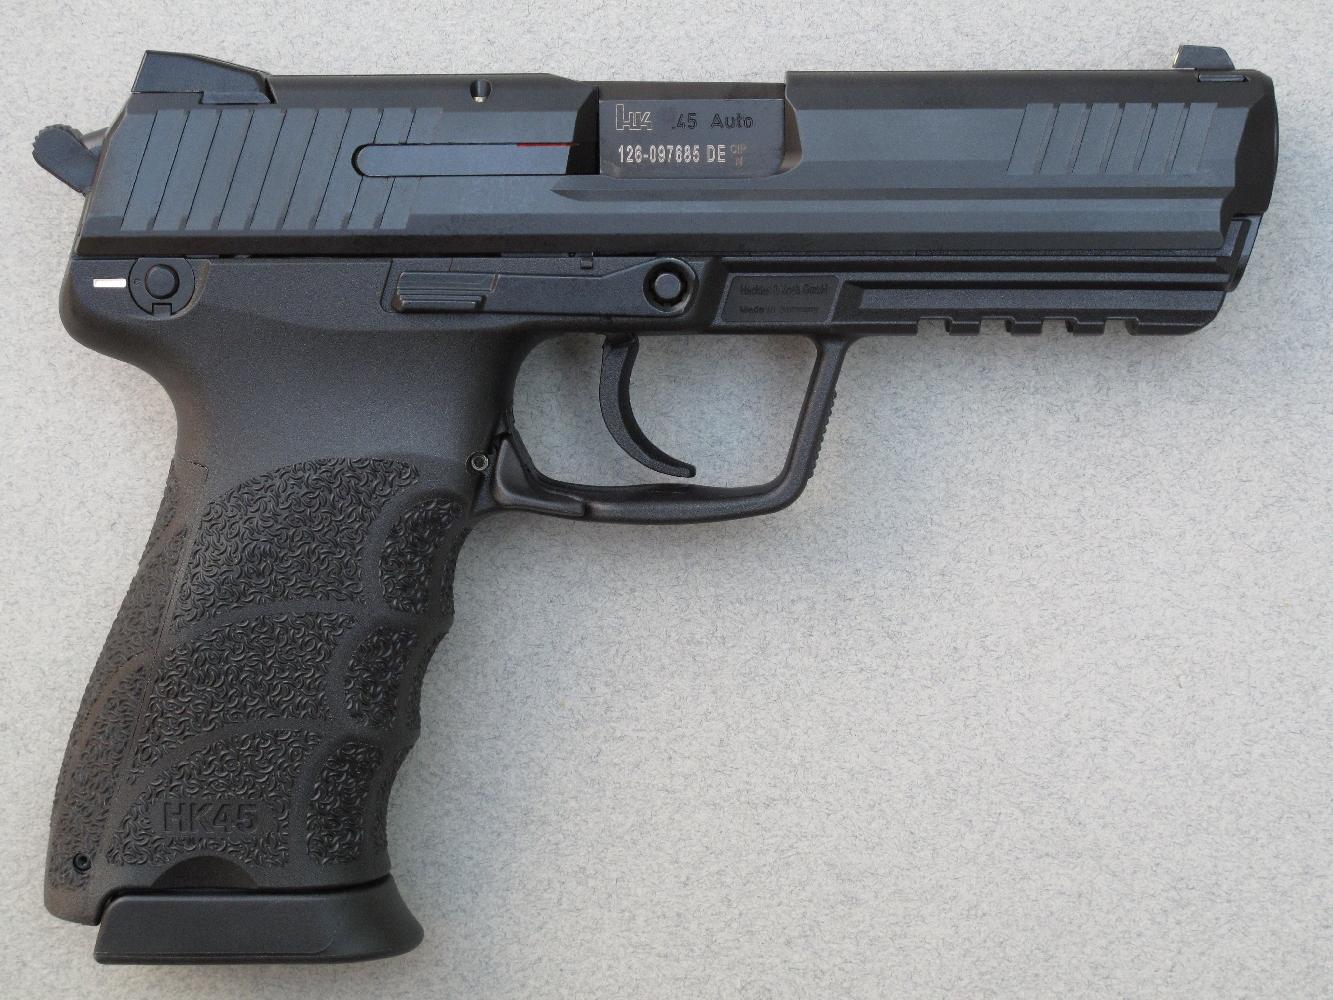 Il se présente comme un pistolet semi-automatique de taille standard, chambré en calibre majeur et alimenté par des chargeurs de dix coups.